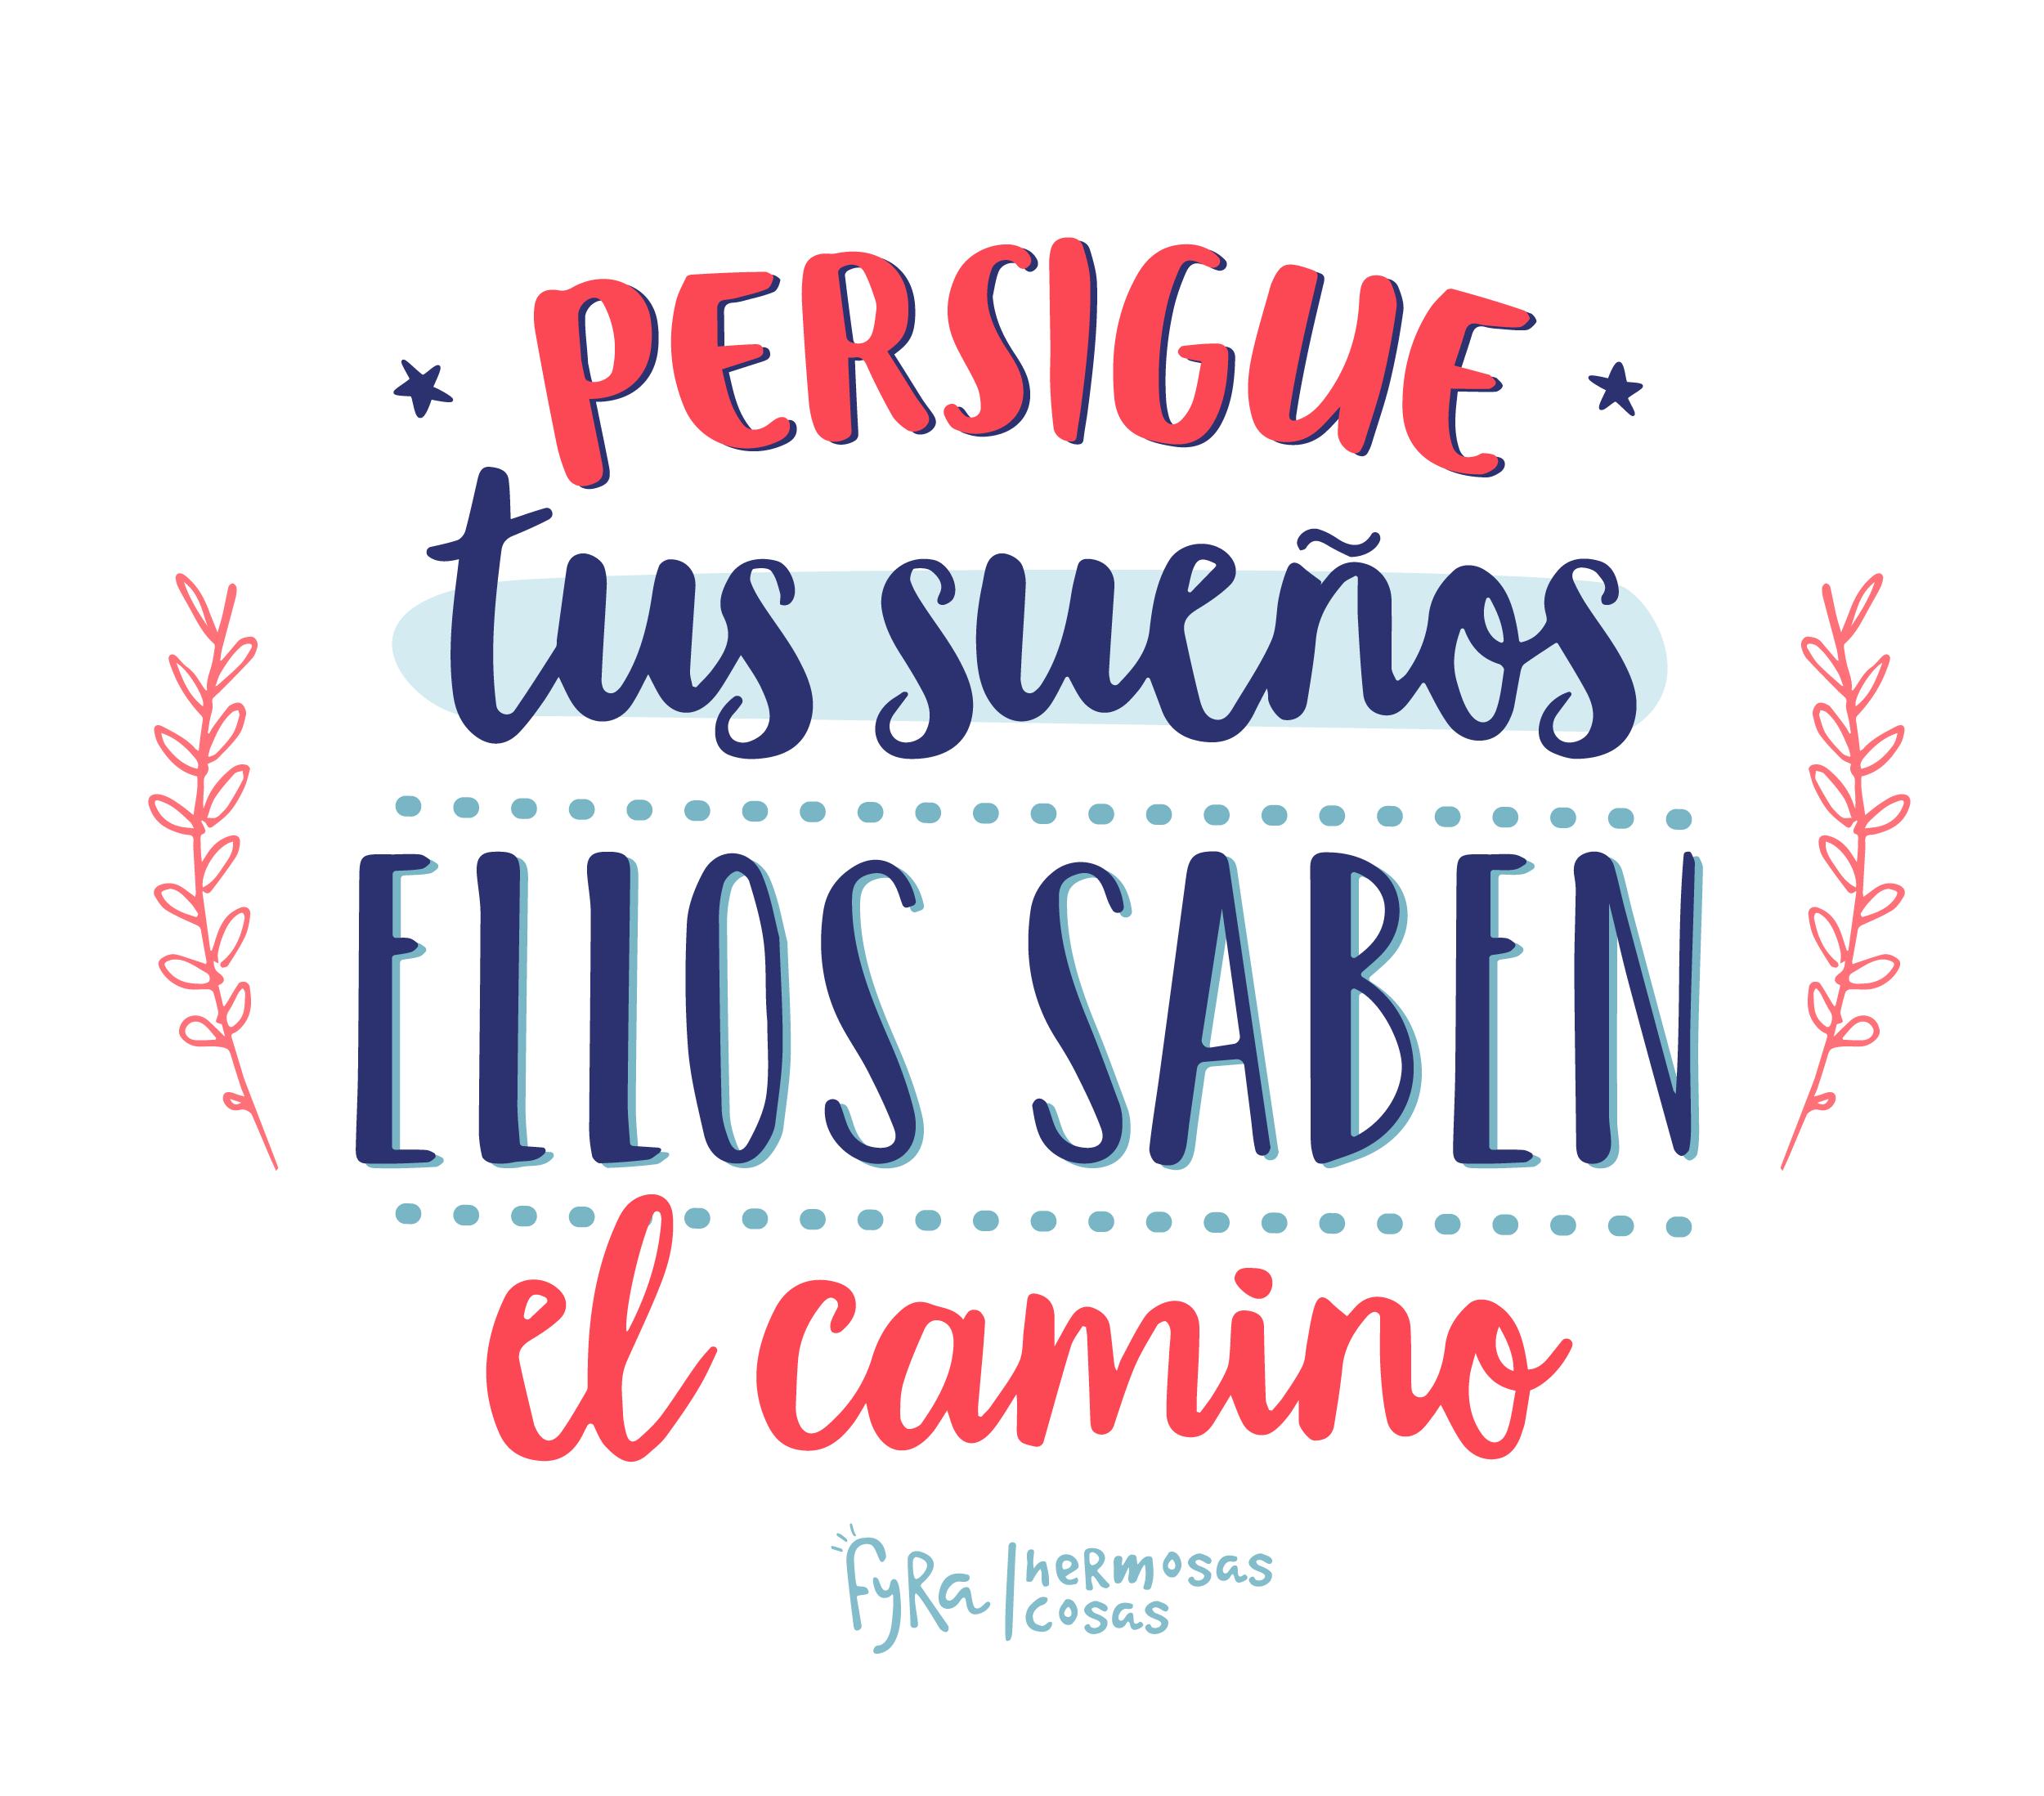 Persigue tus sueños, ellos saben el camino. Frases positivas. | Imagenes  con frases positivas, Frases sueños, Frases positivas